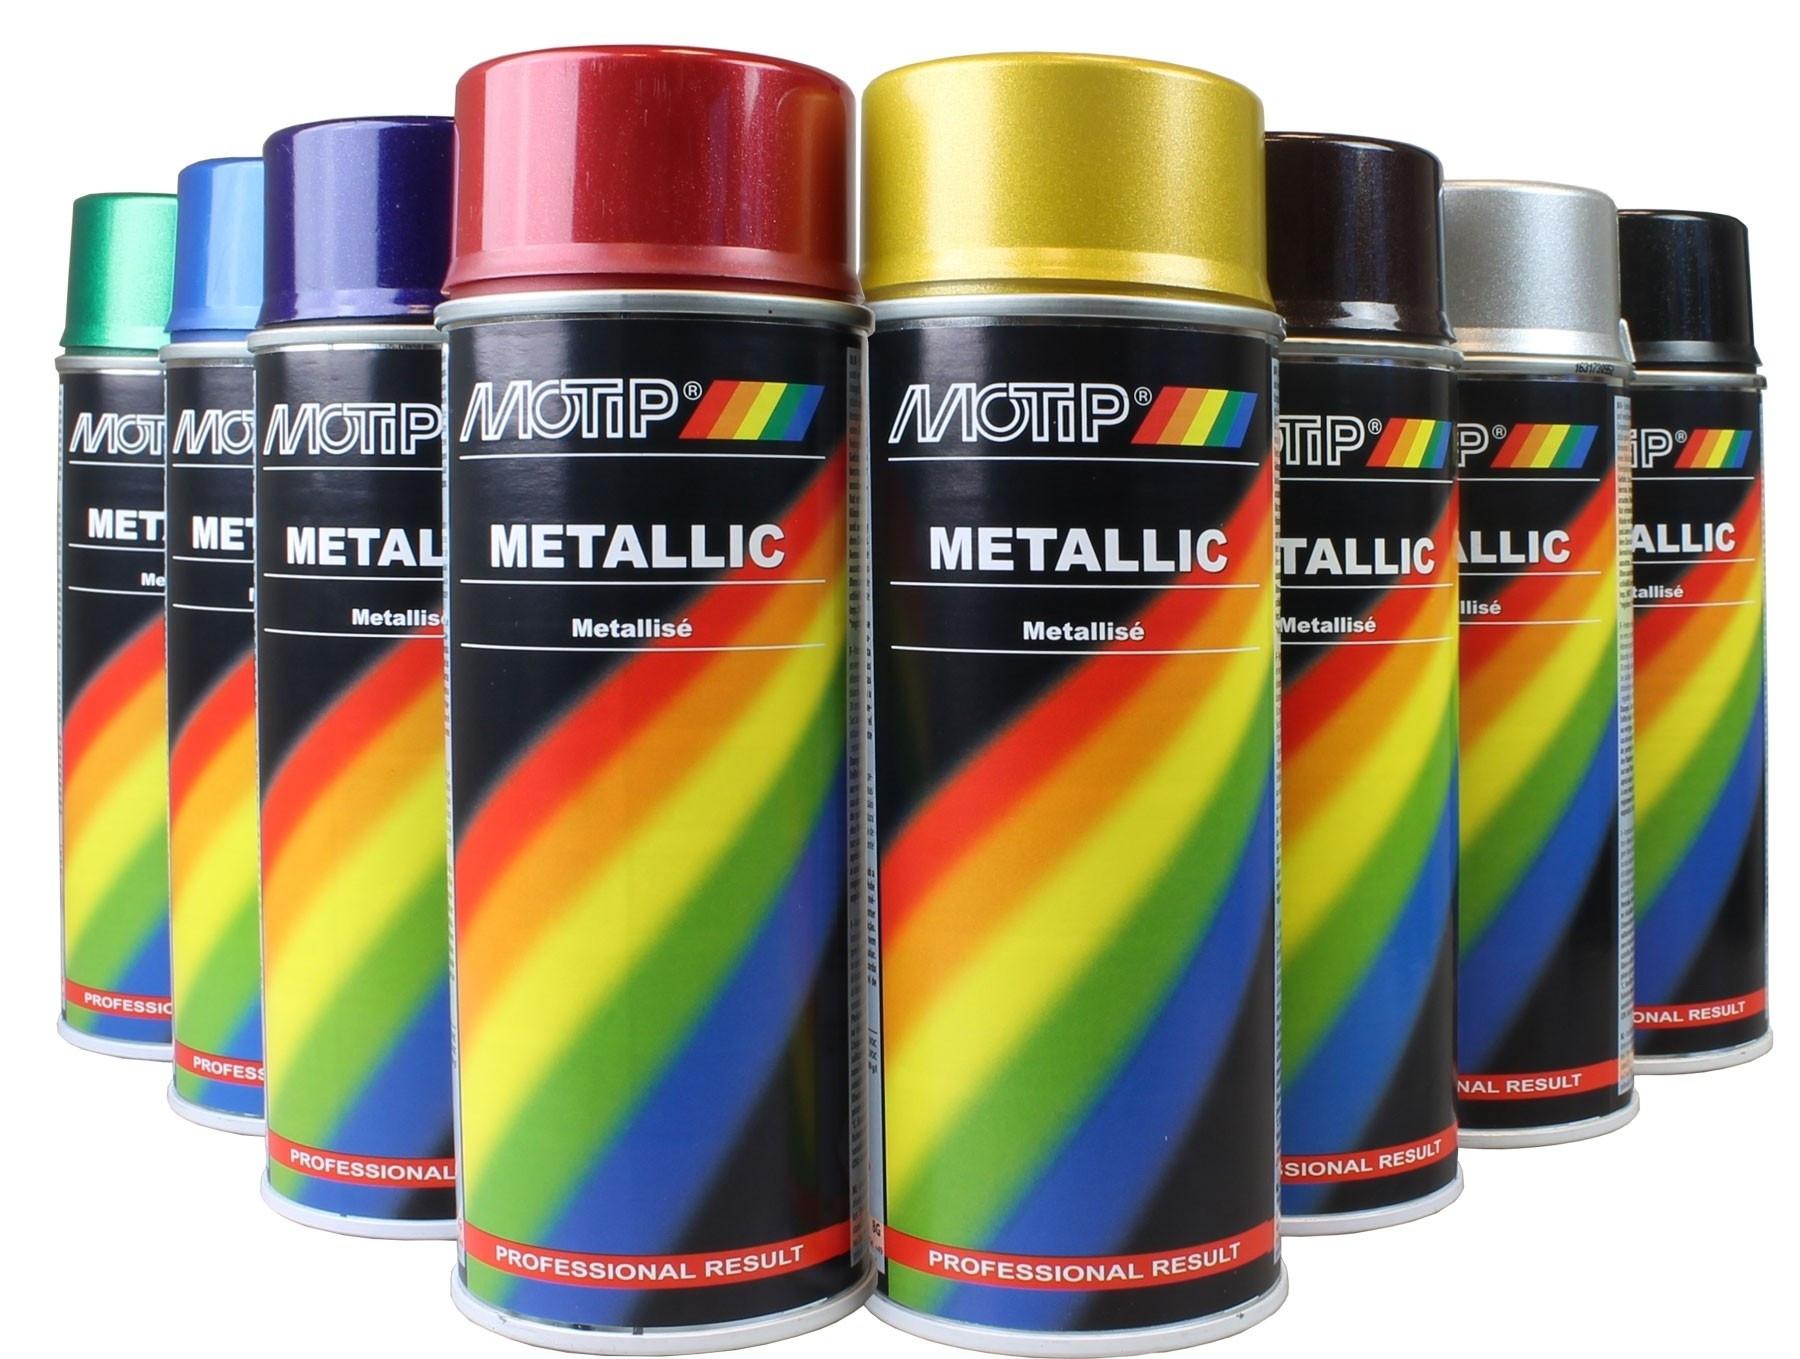 Spuitbus Motip metallic diverse kleuren.